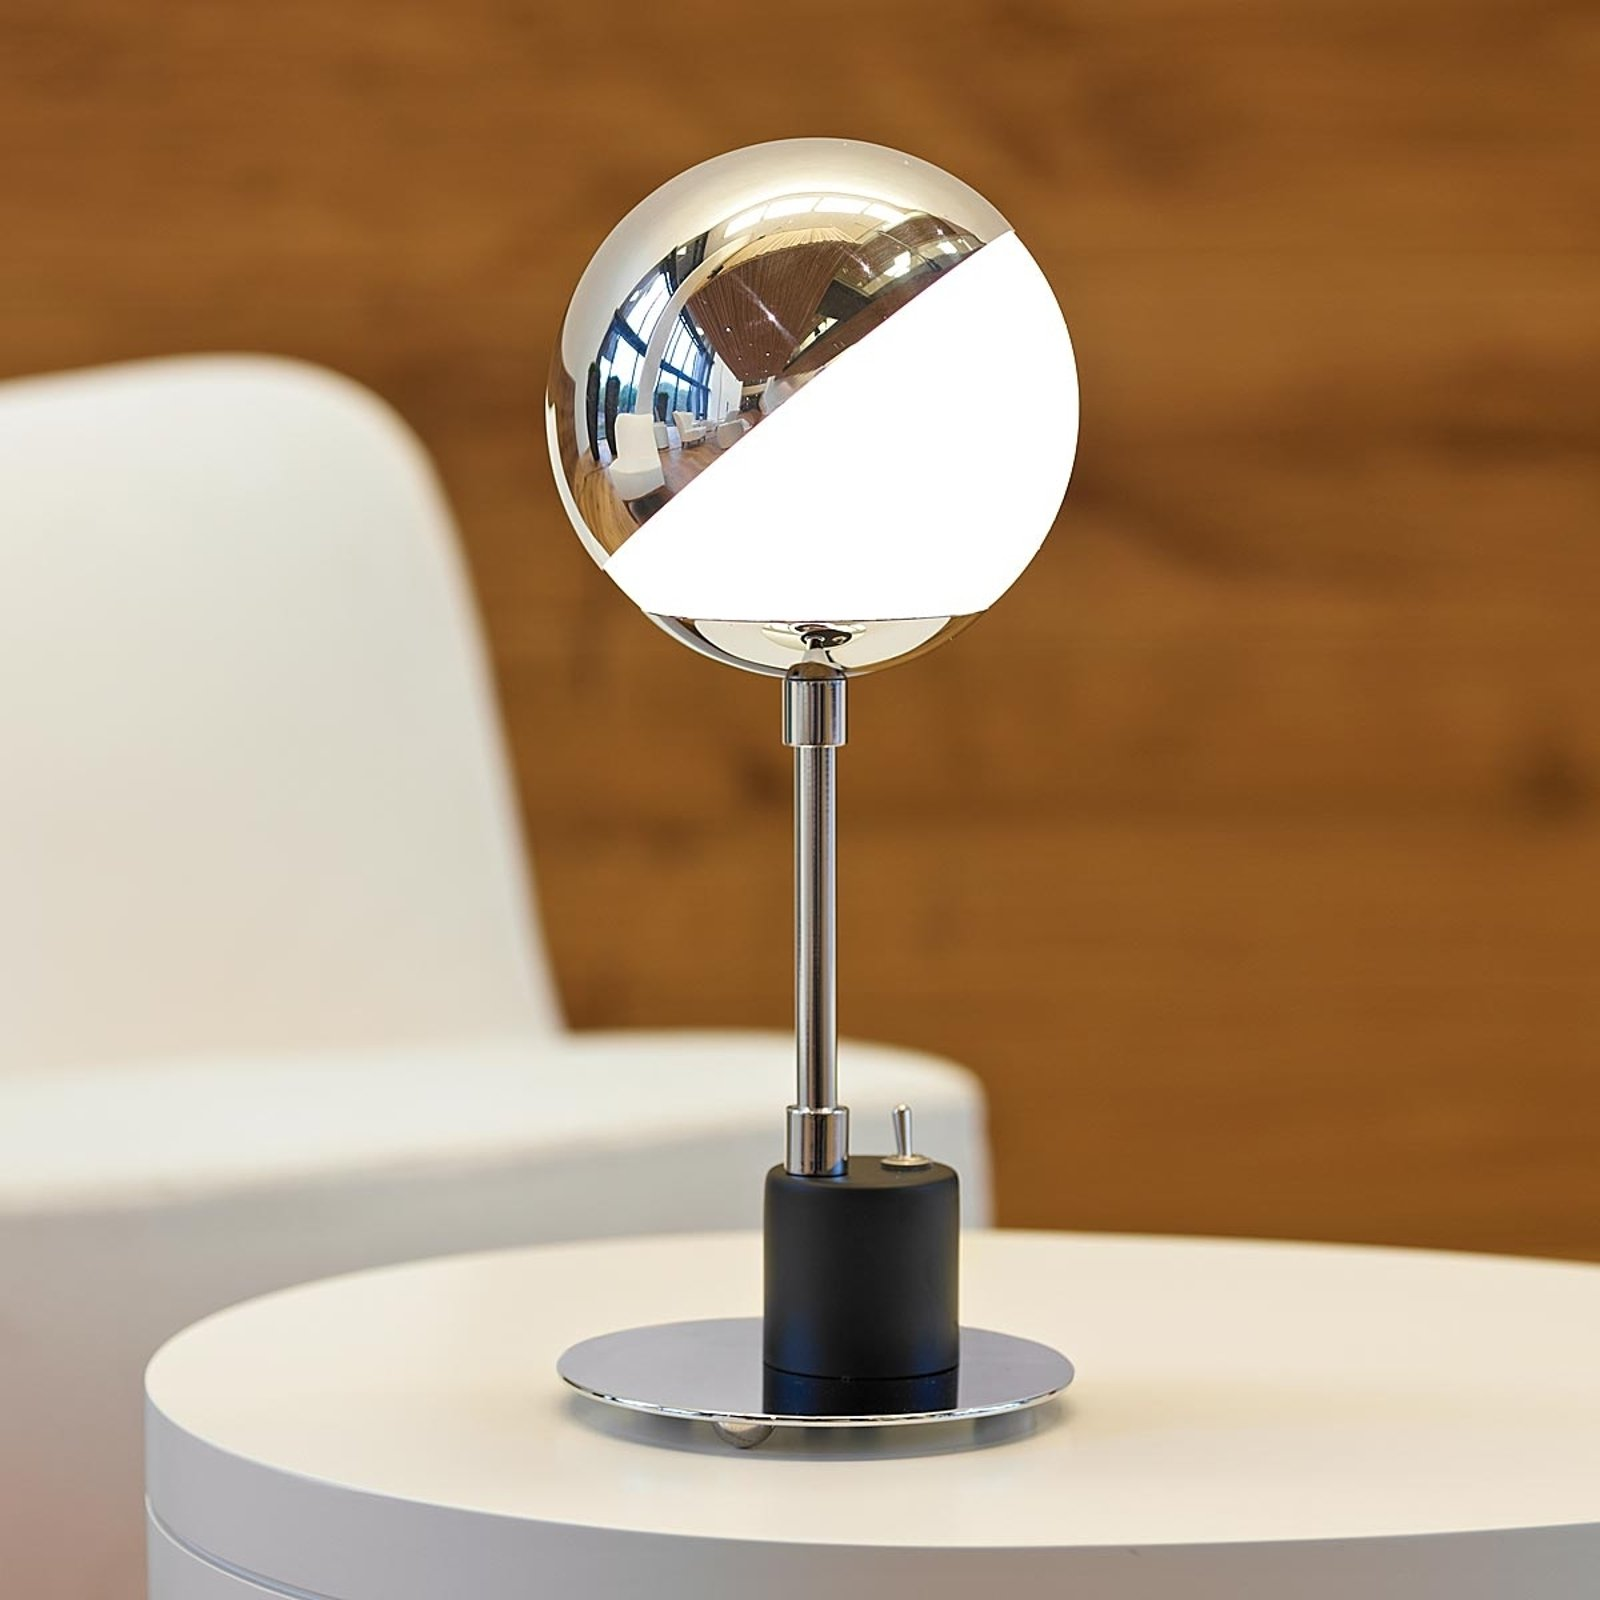 Designer bordlampe med halvkule